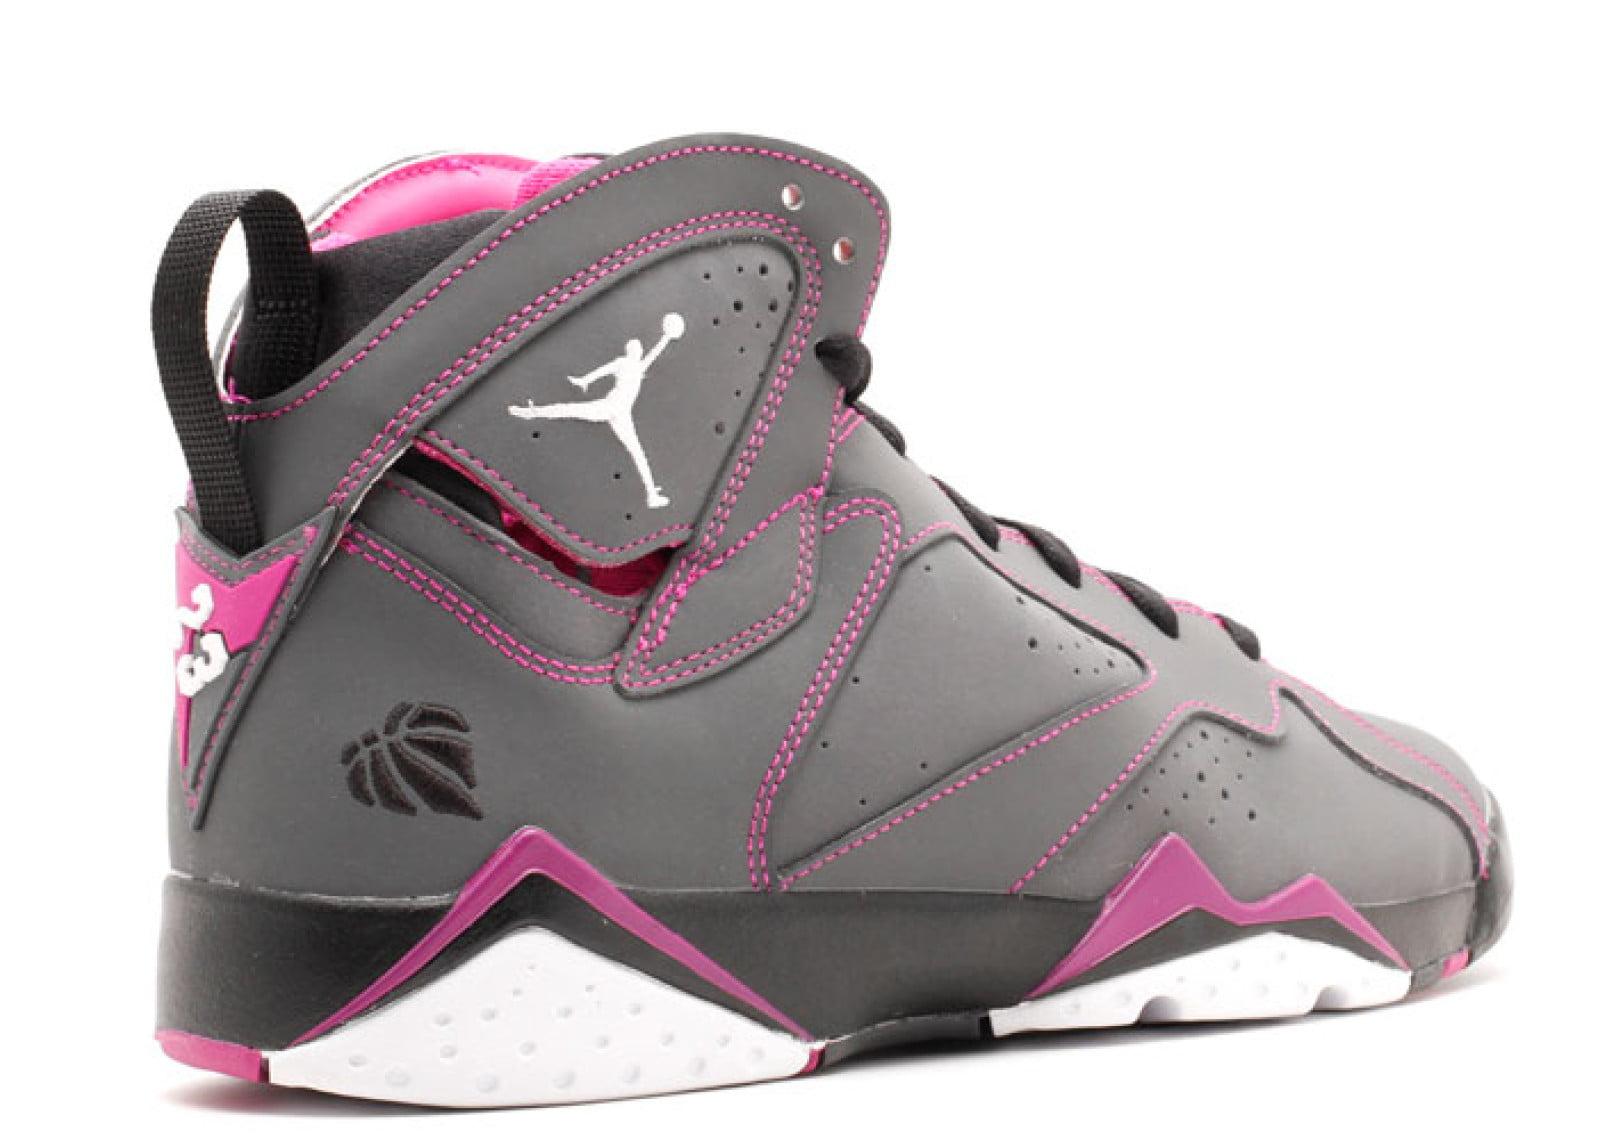 los mejores precios Air Jordan 7 Retro Del Día De San 30a Gg Colorear 100% garantizado aclaramiento precio barato ttqk39